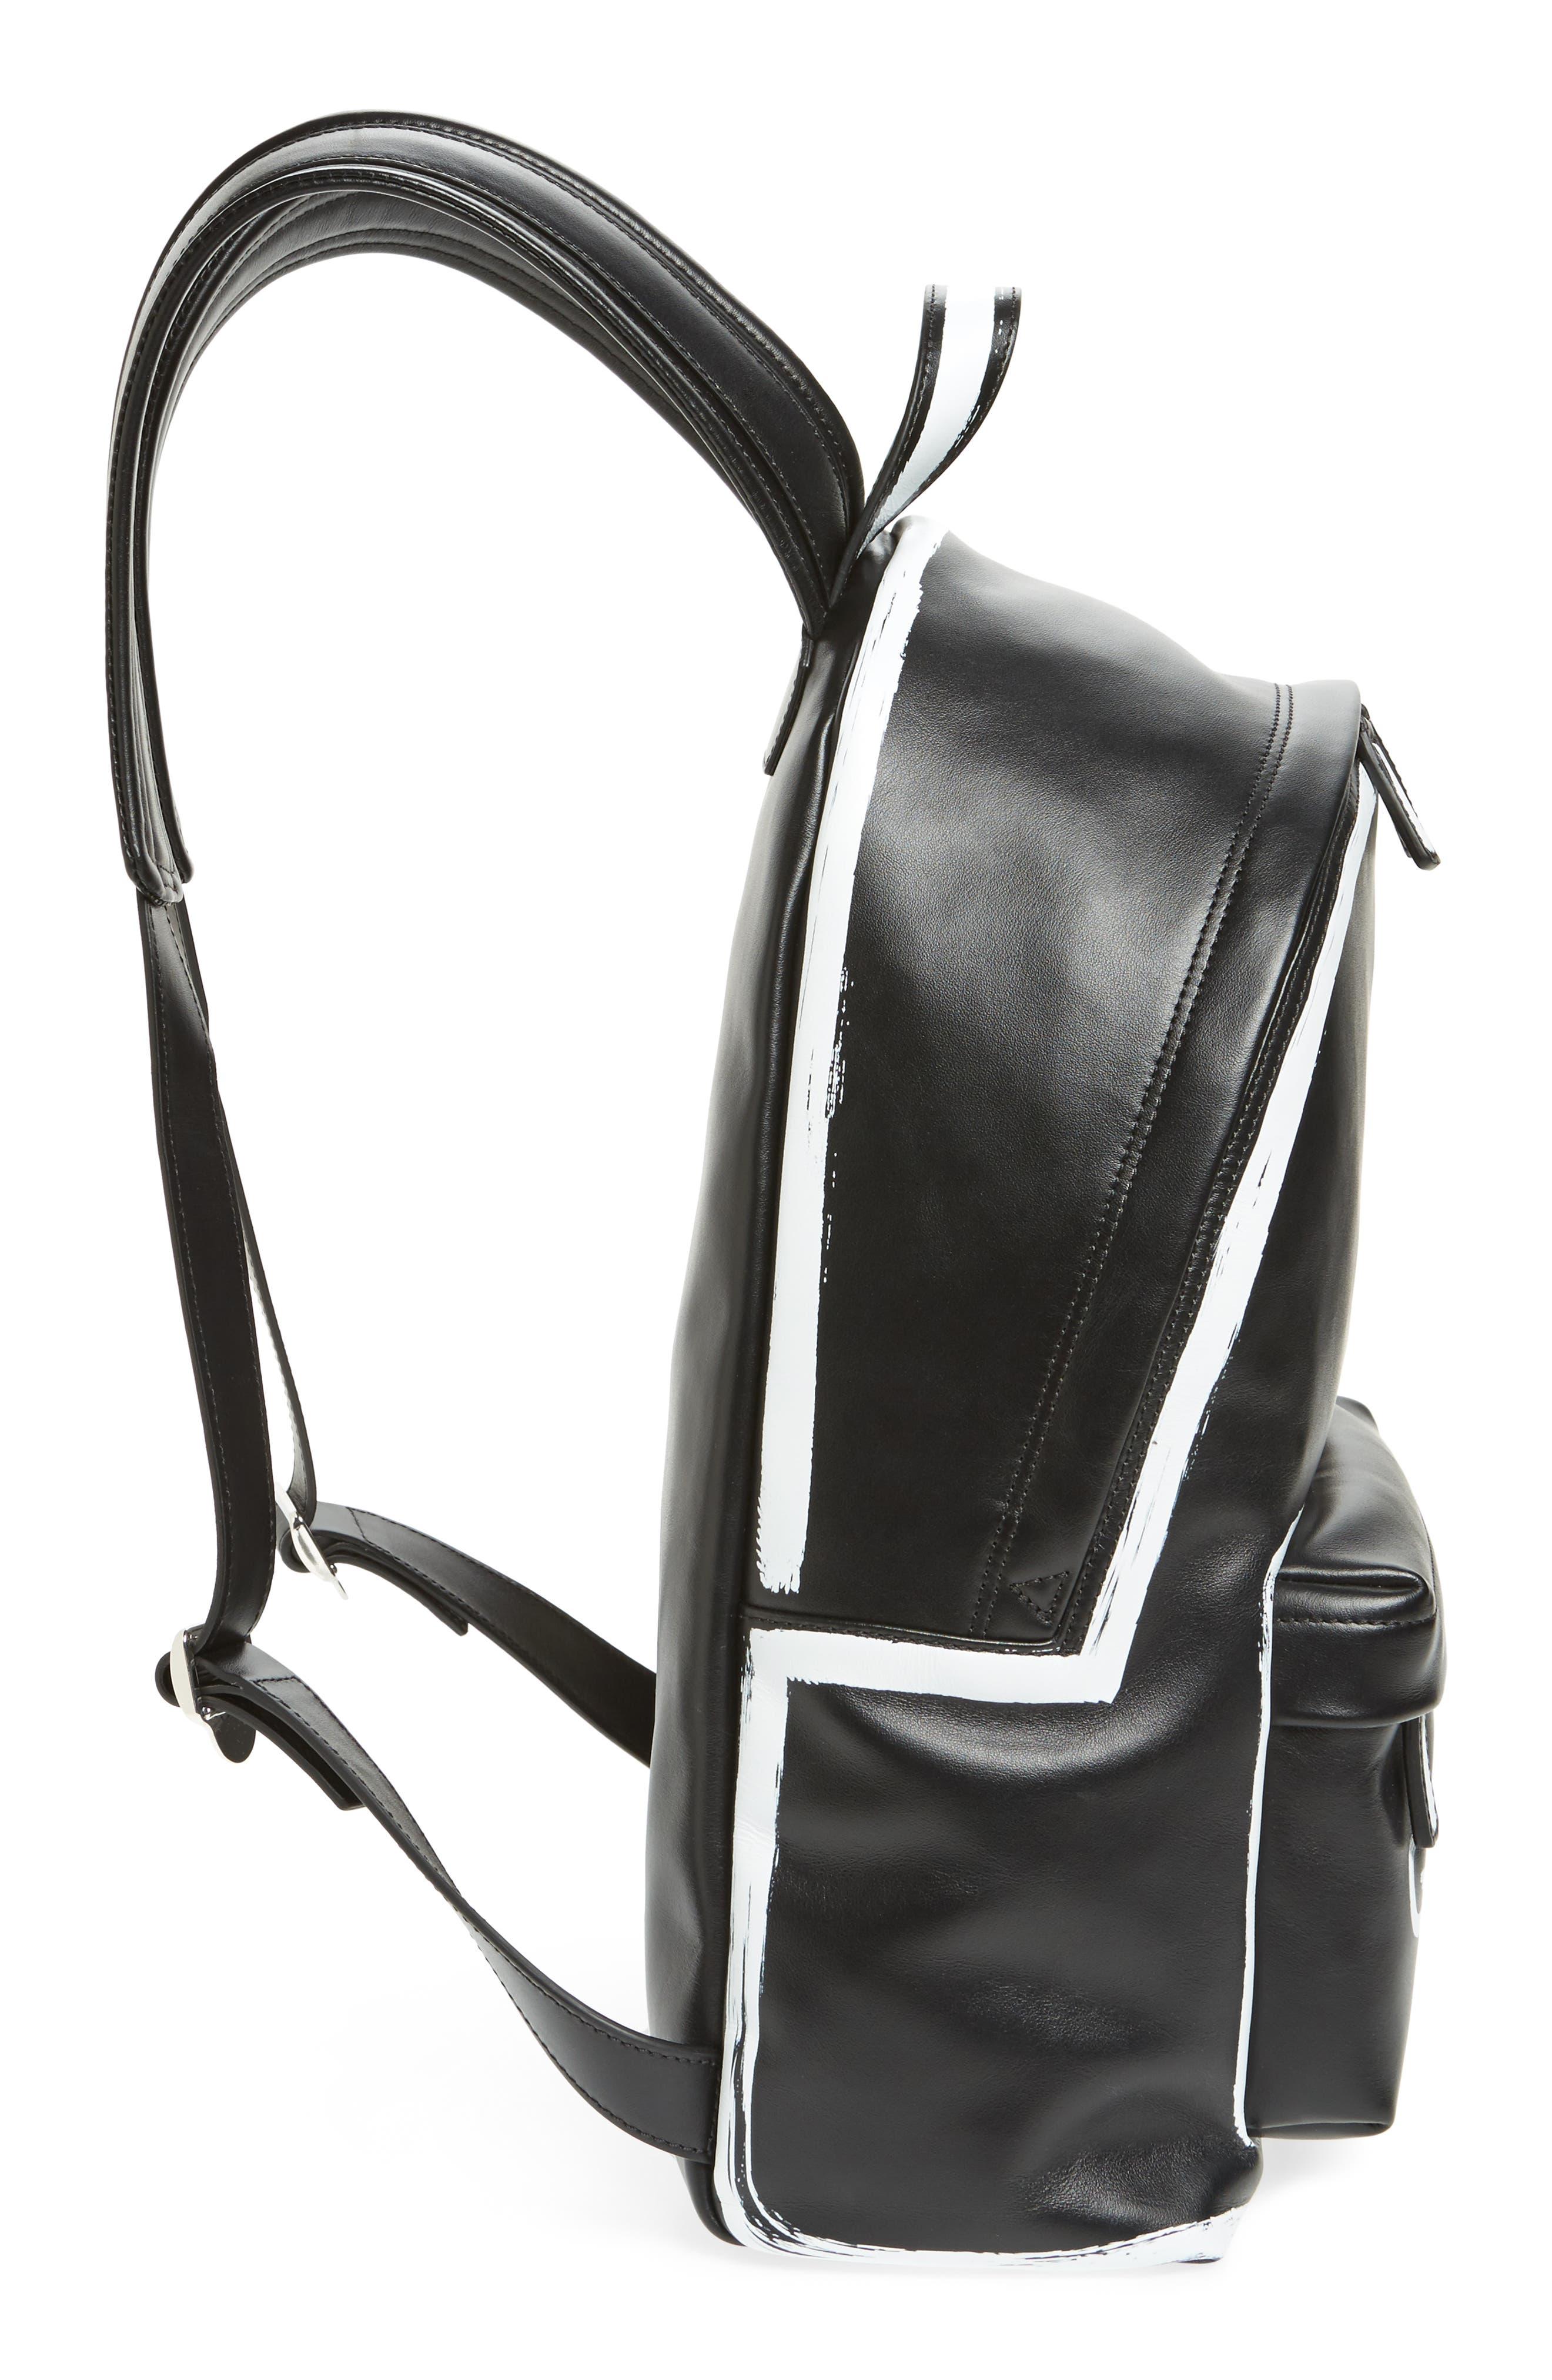 Graffiti Calfskin Leather Backpack,                             Alternate thumbnail 5, color,                             BLACK/ WHITE